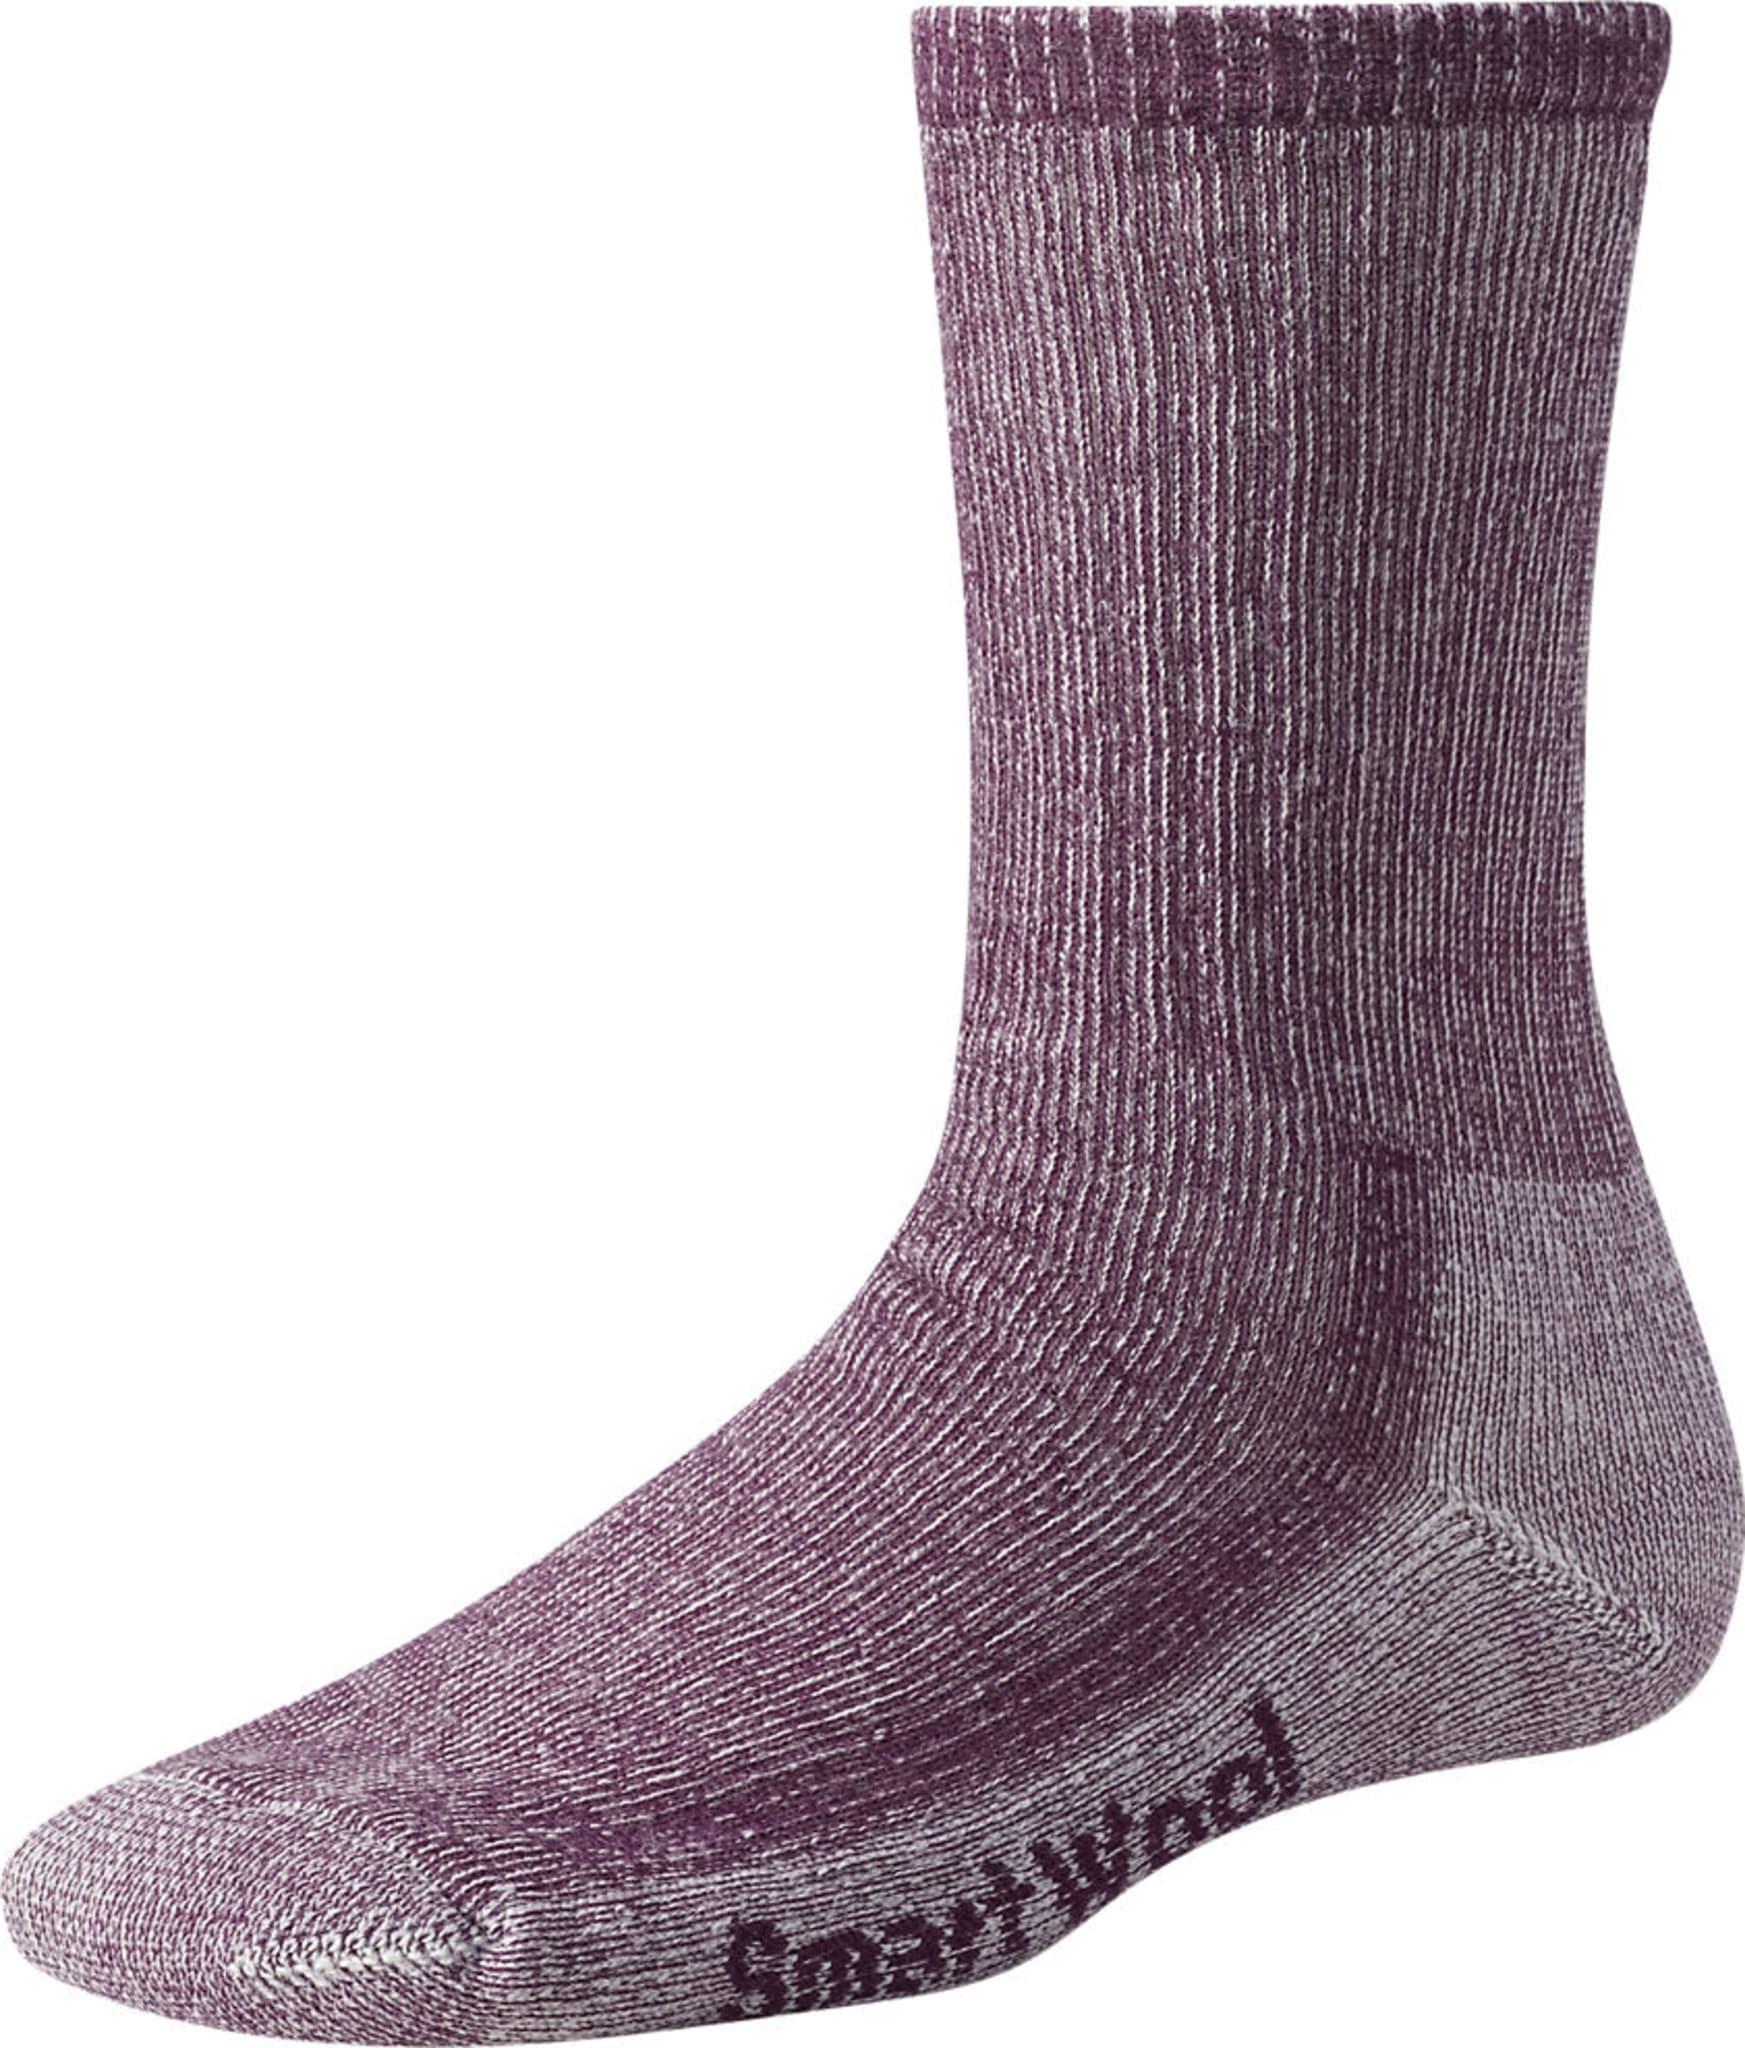 Halvtykke sokker som passer til alle aktiviteter